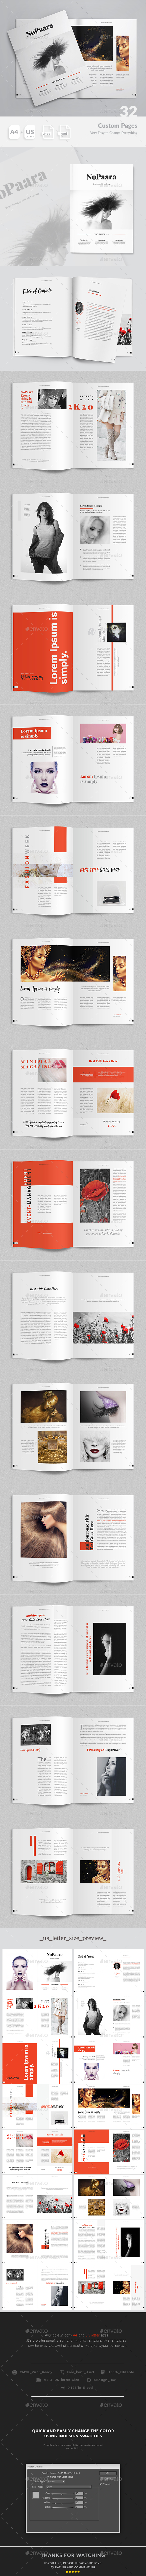 Ausgezeichnet Kostenlose Indesign Magazin Vorlage Bilder - Entry ...